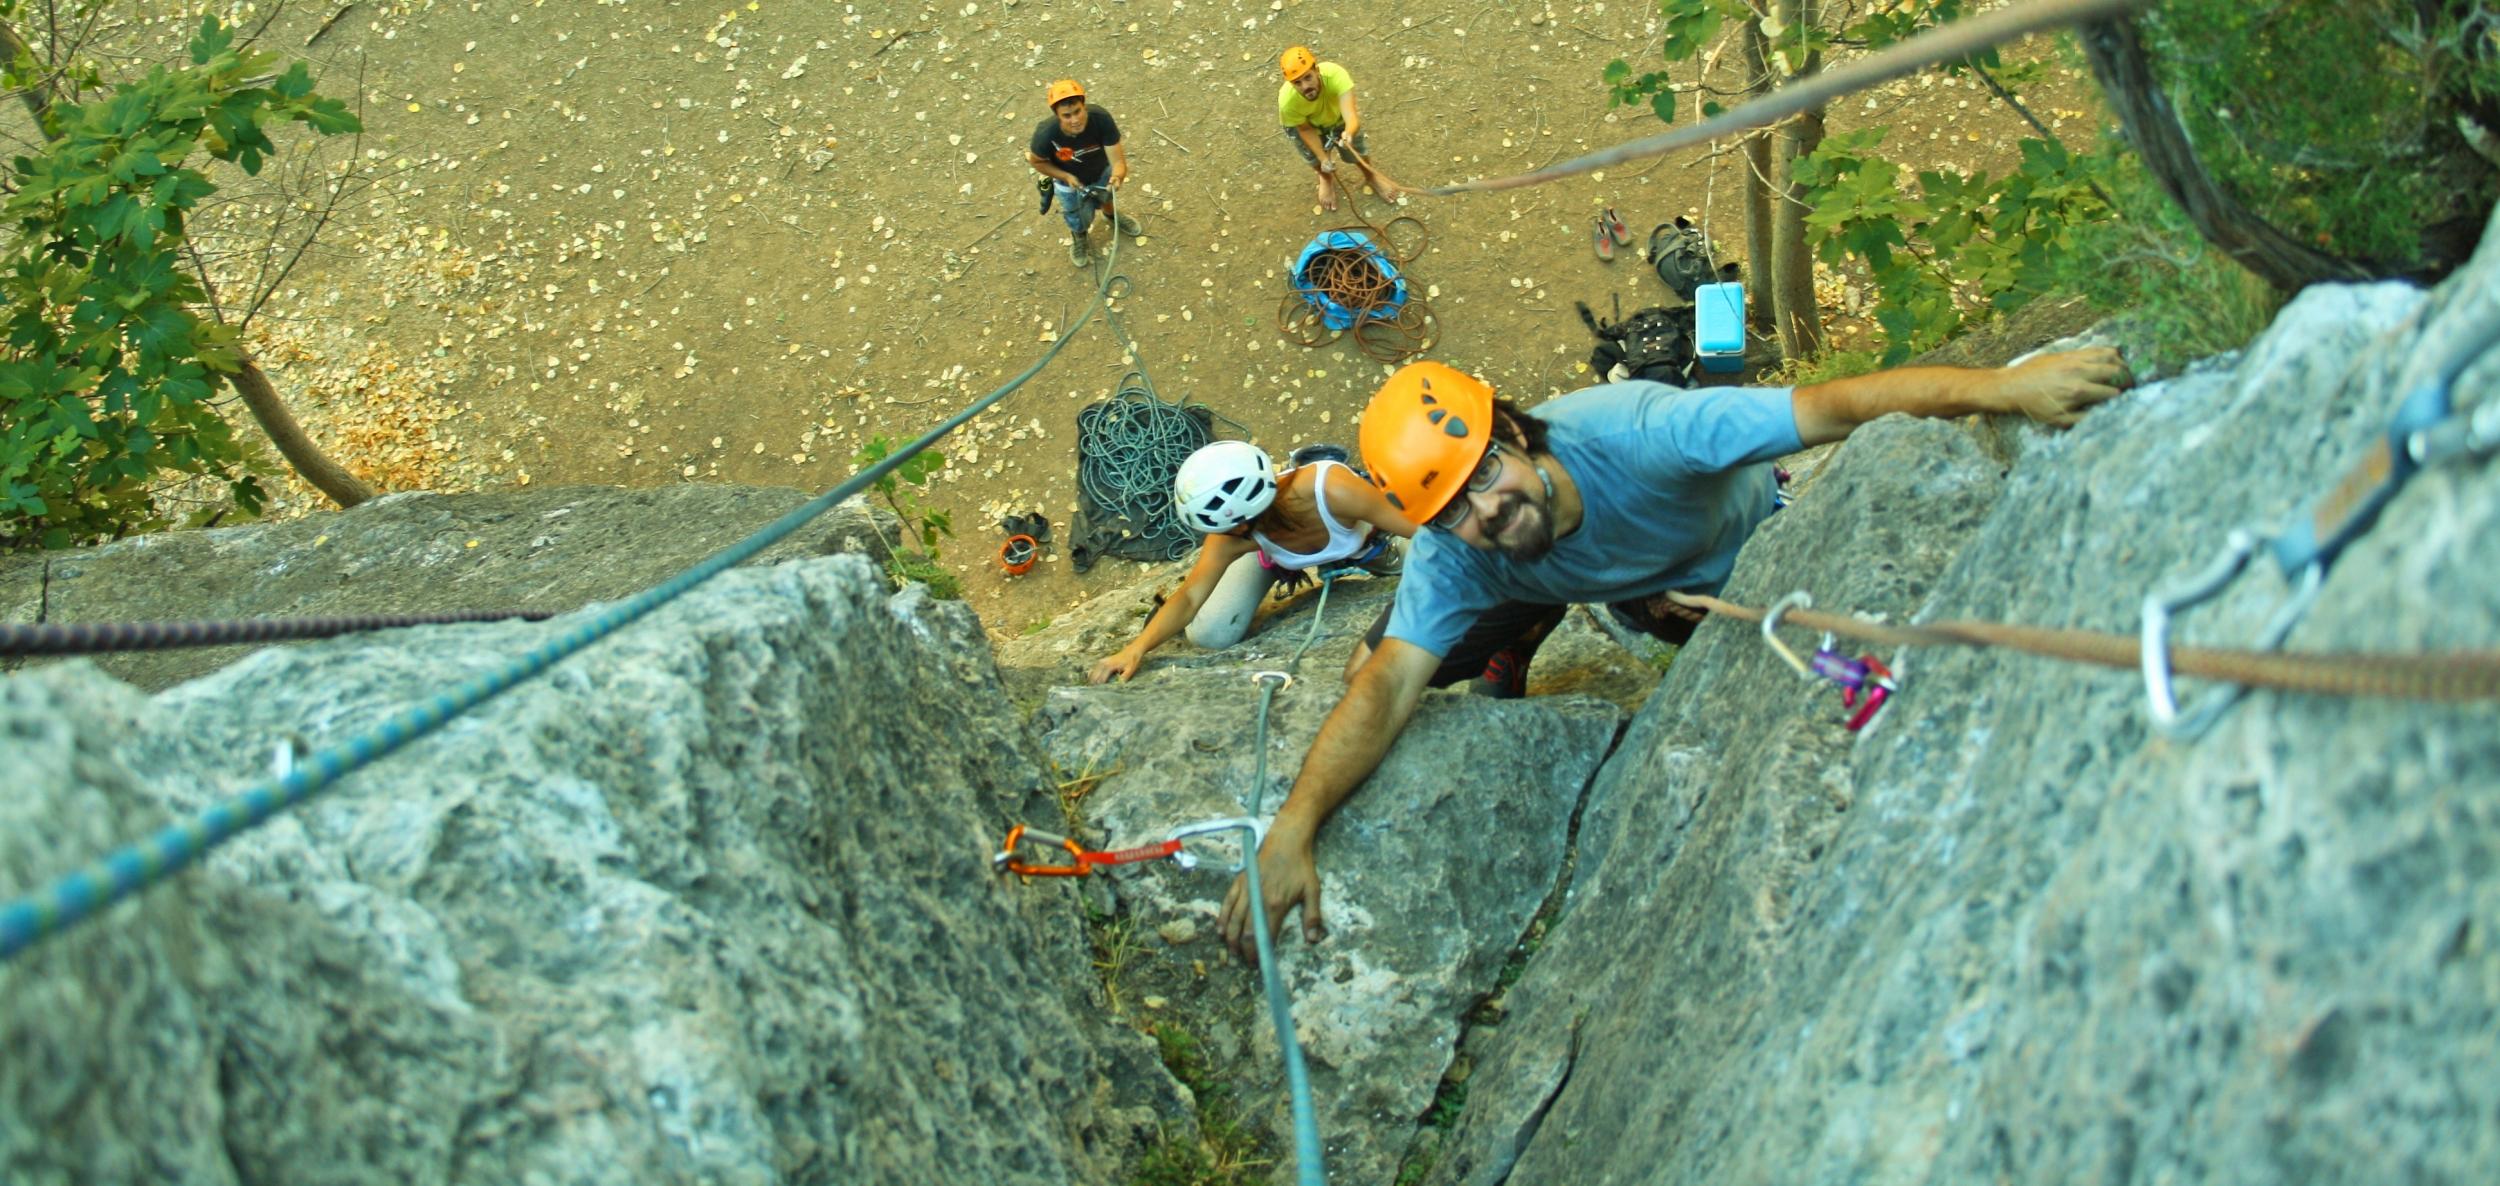 Imagen Escalada en roca en Cuenca